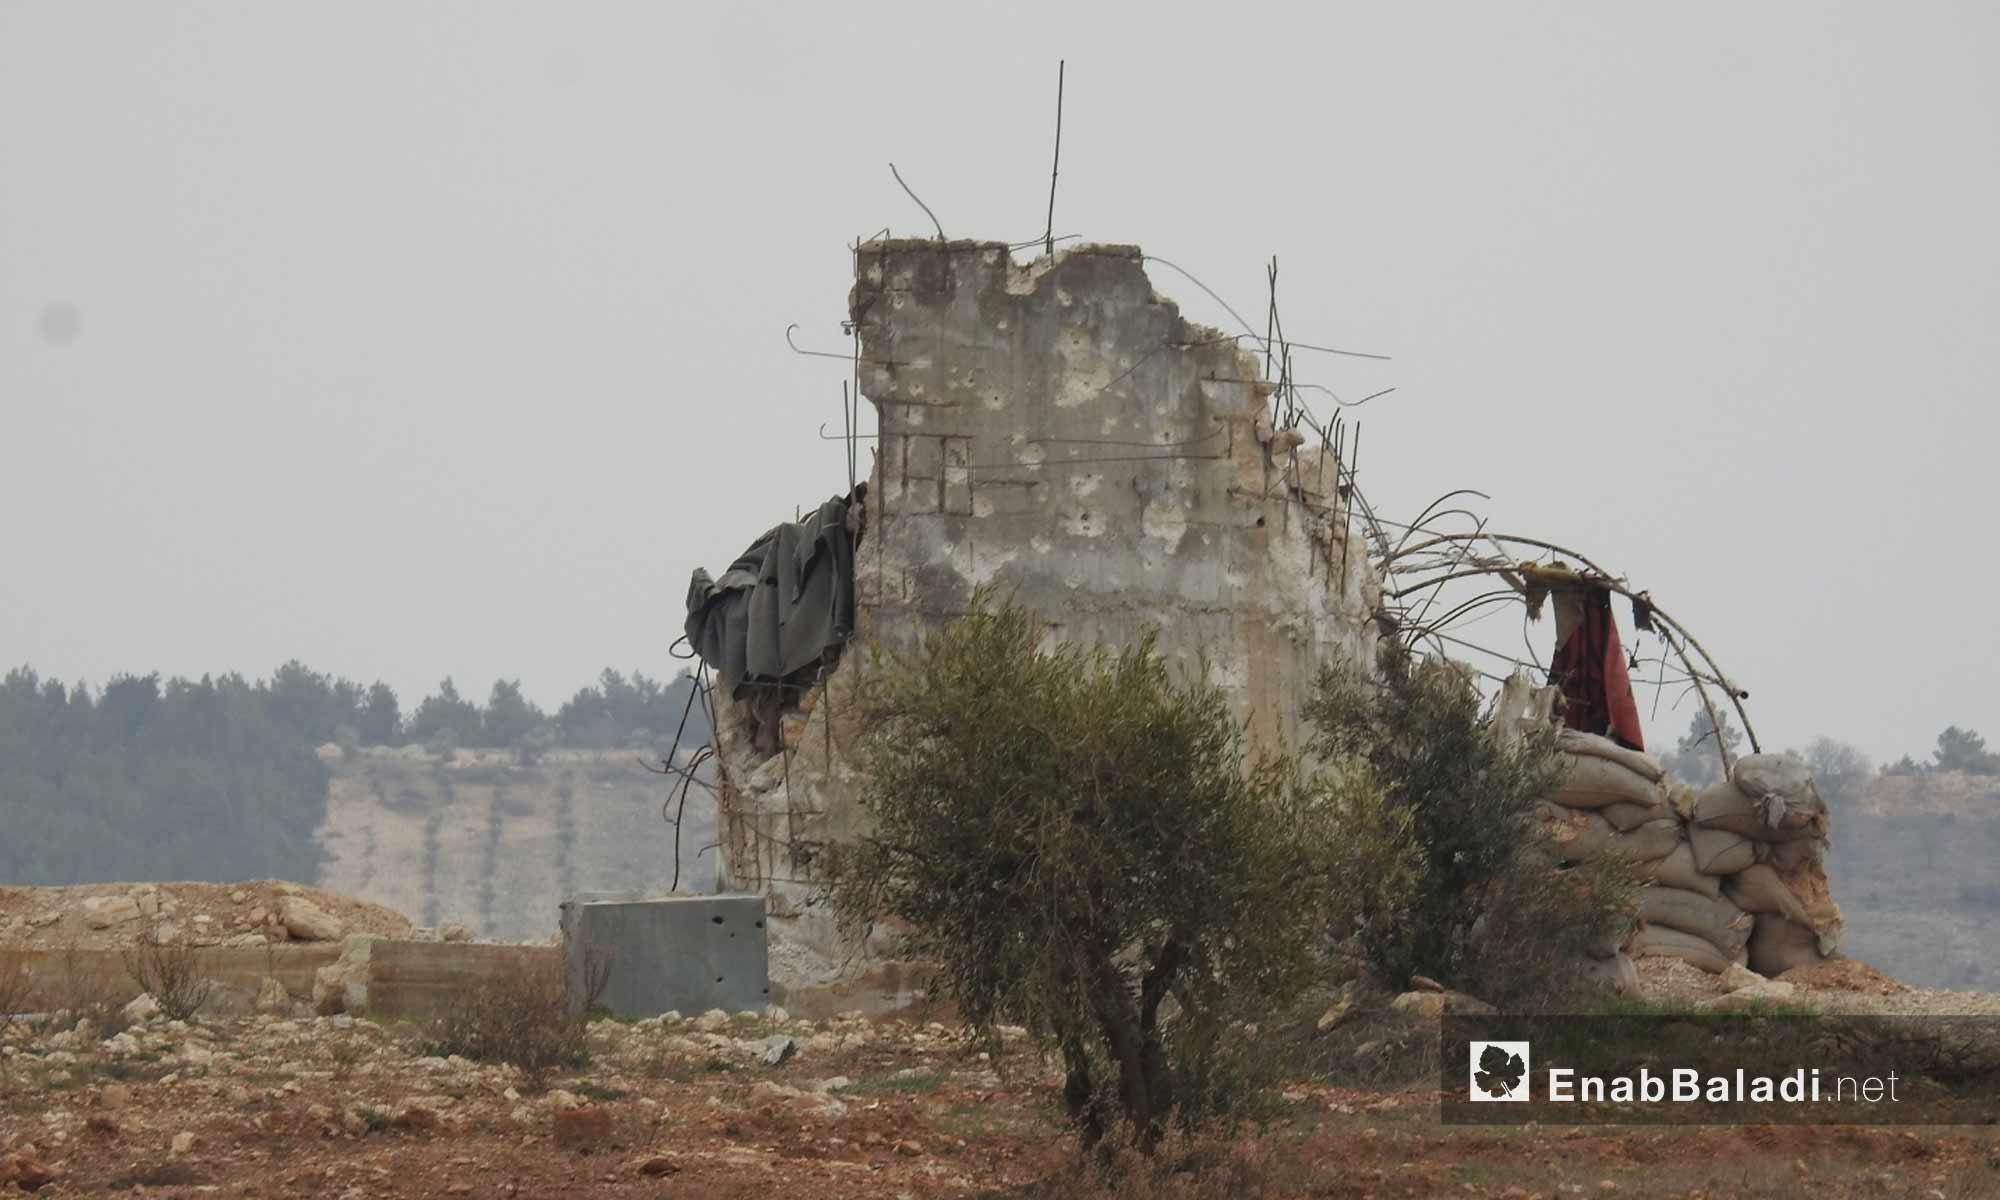 دشم وحدات حماية الشعب الكردية على محور شران بريف مدينة عفرين - 11 شباط 2018 (عنب بلدي)